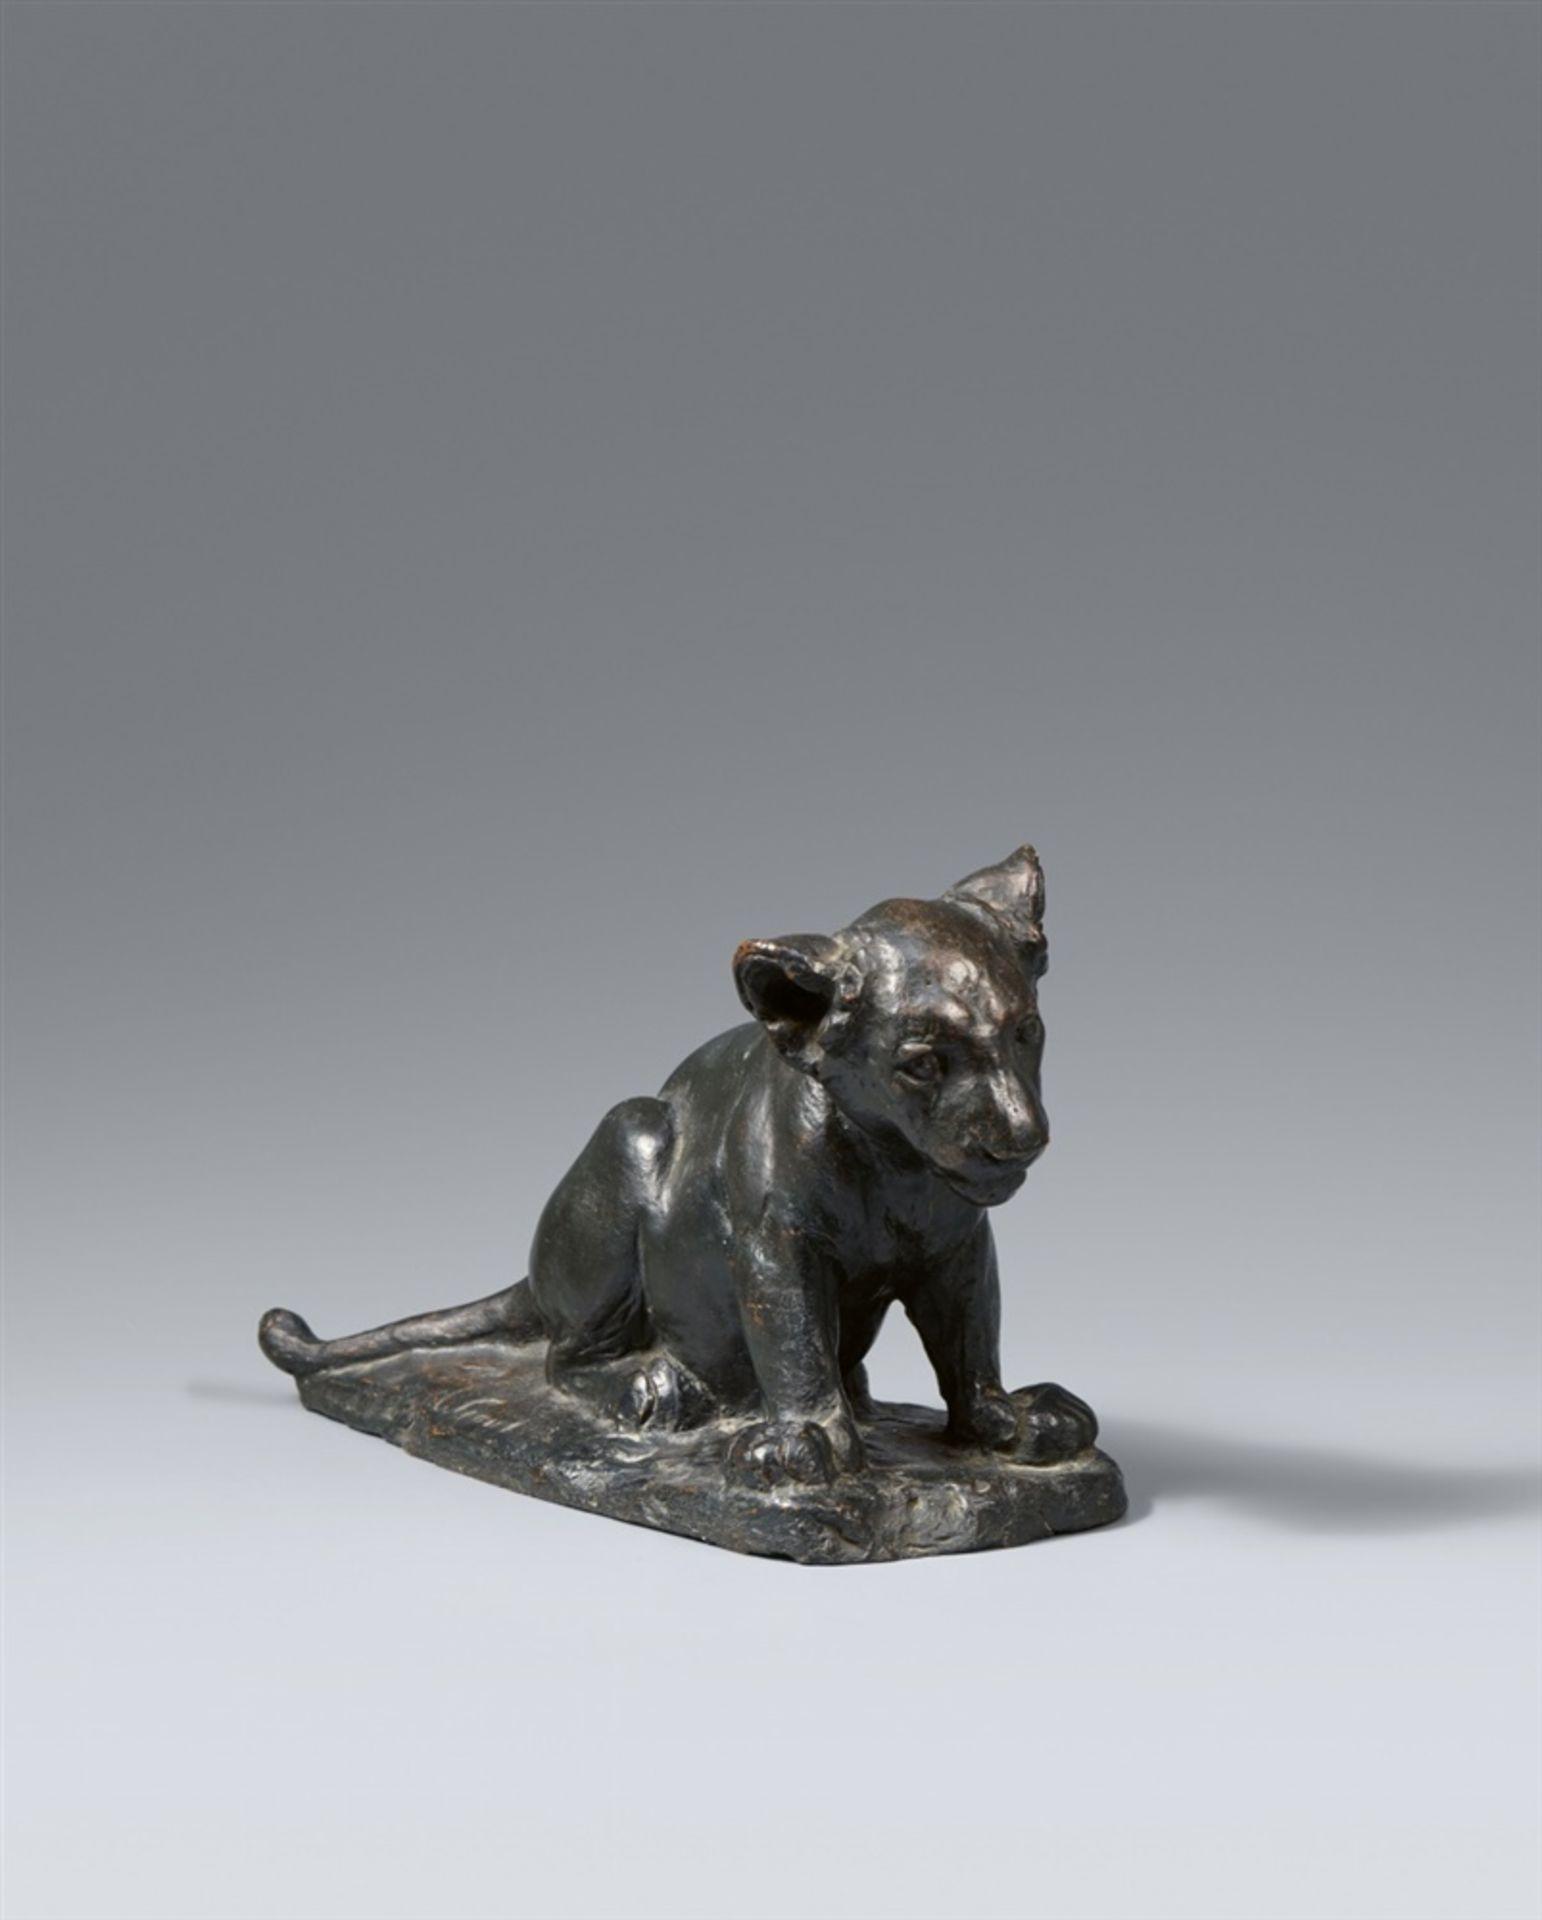 August GaulSitzender junger Löwe (Dusselchen) - Bild 2 aus 2